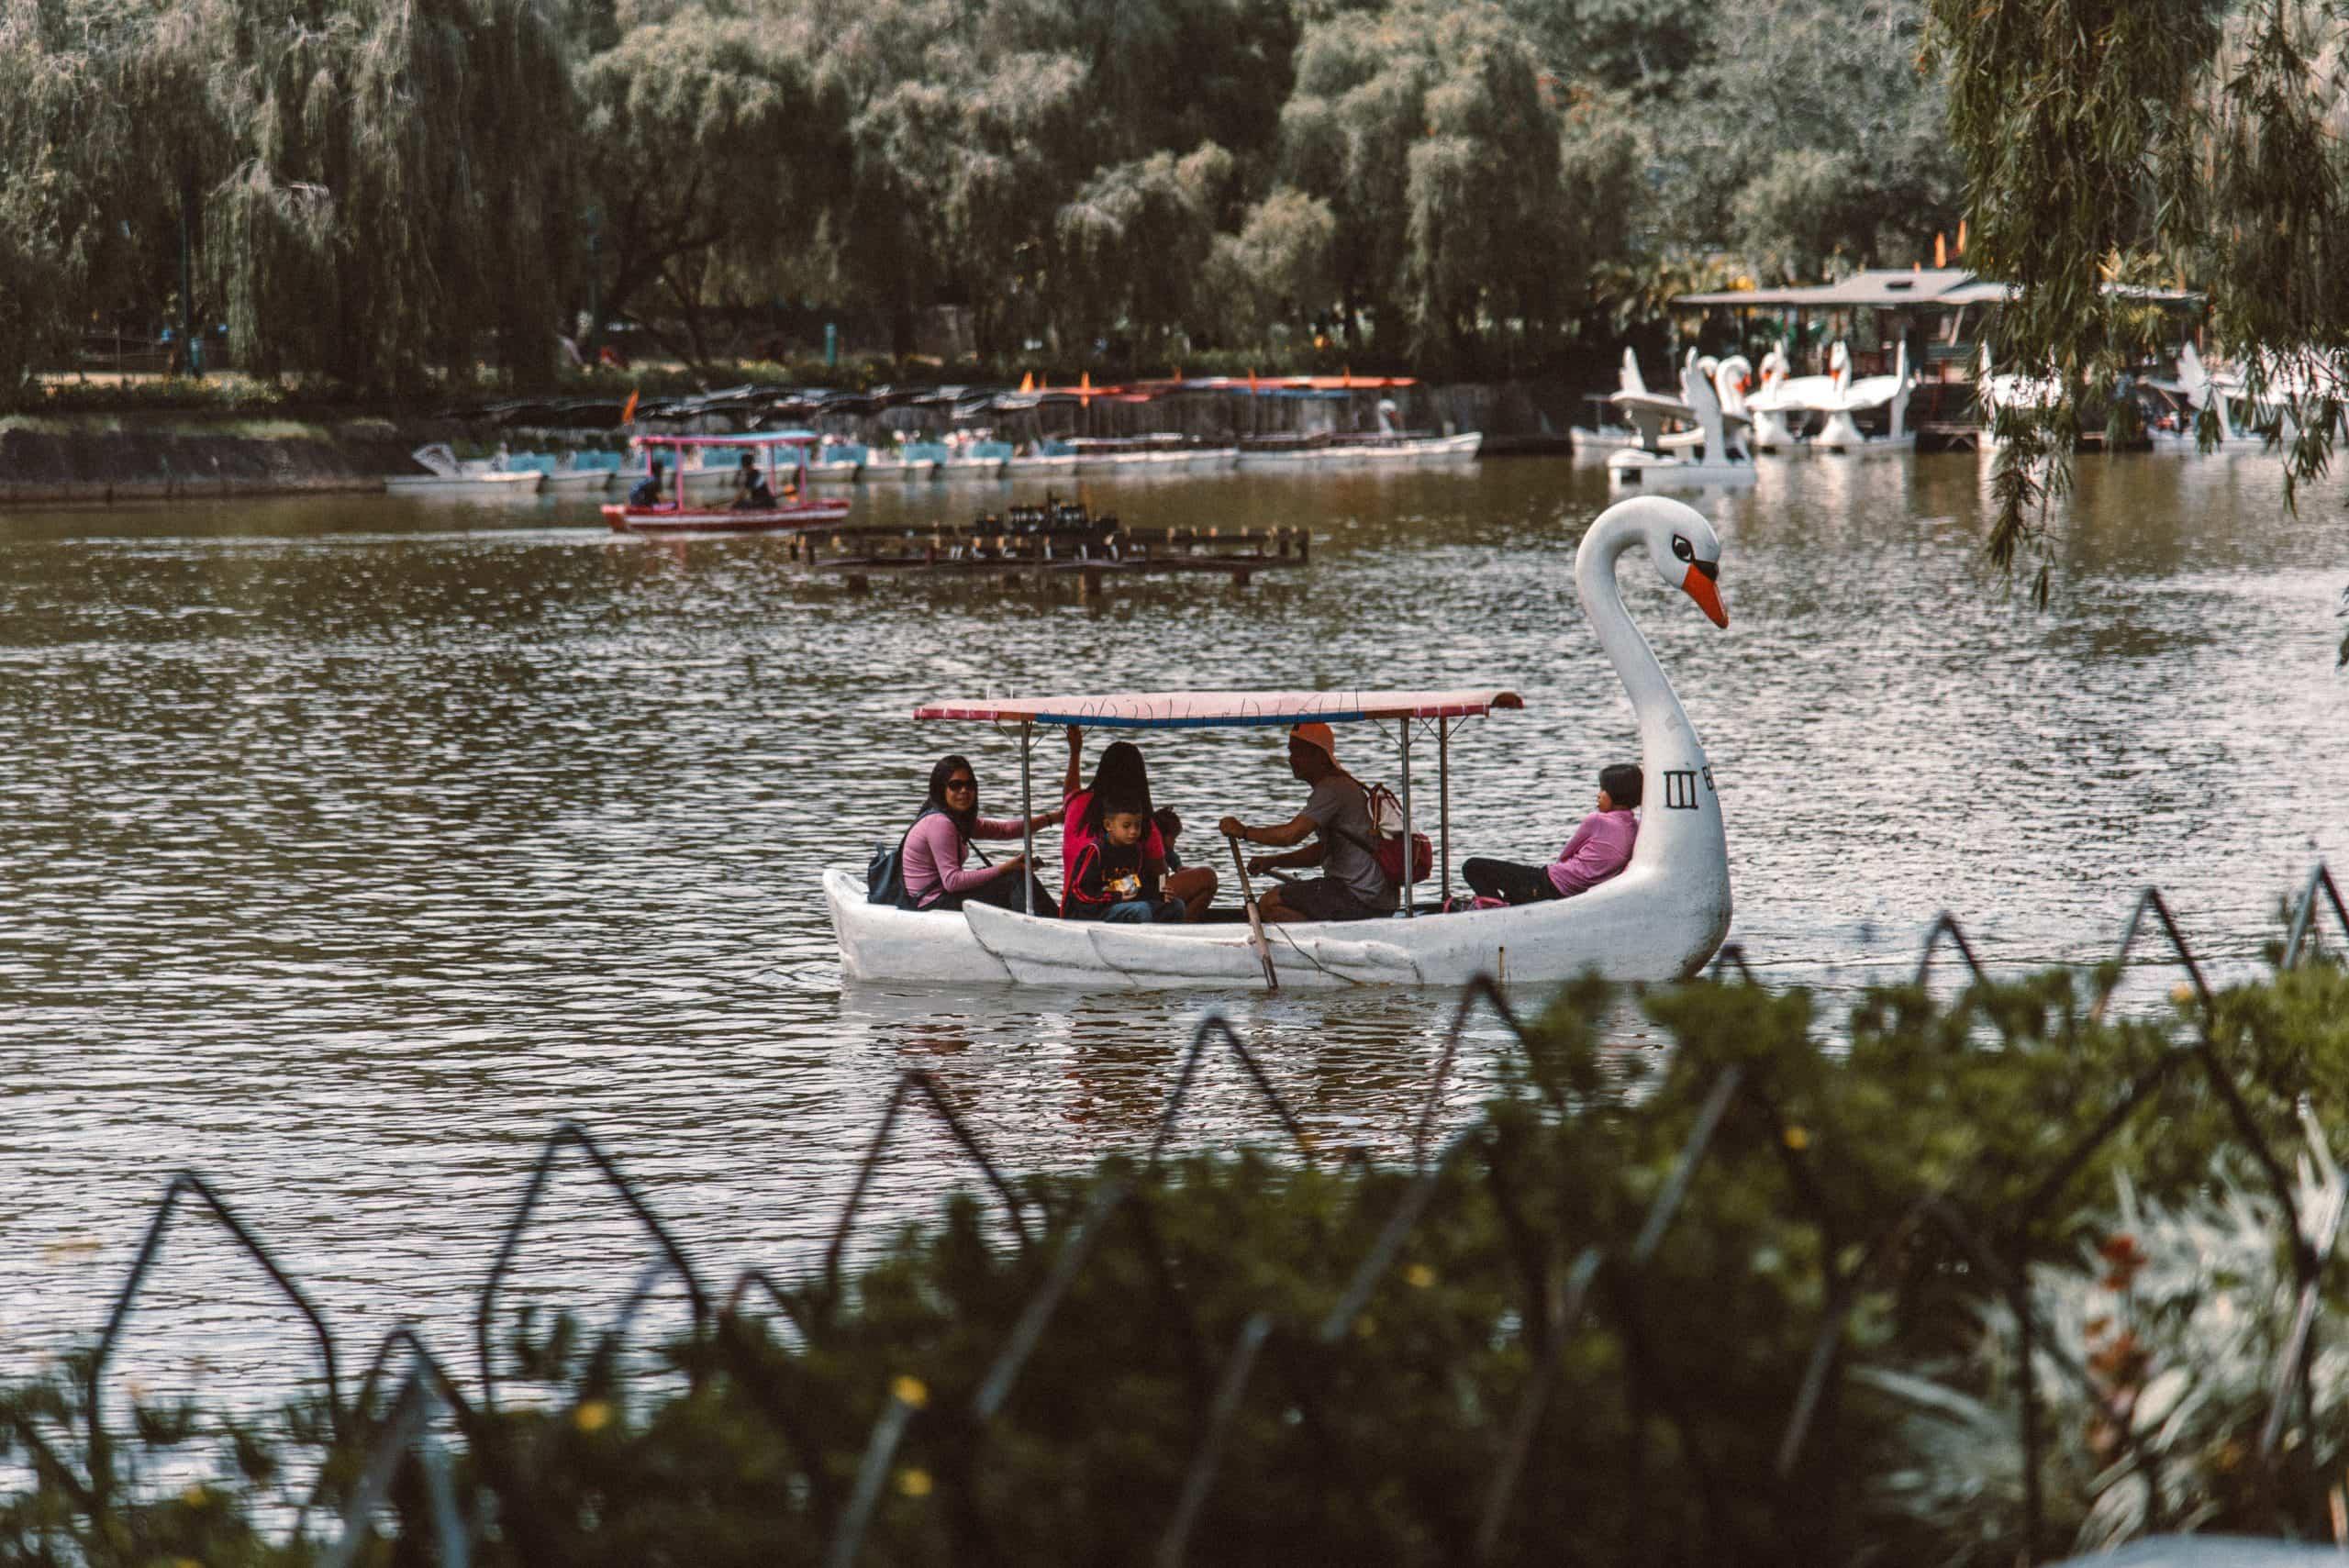 Baguio tourist spots, Baguio travel guide, Burham Park